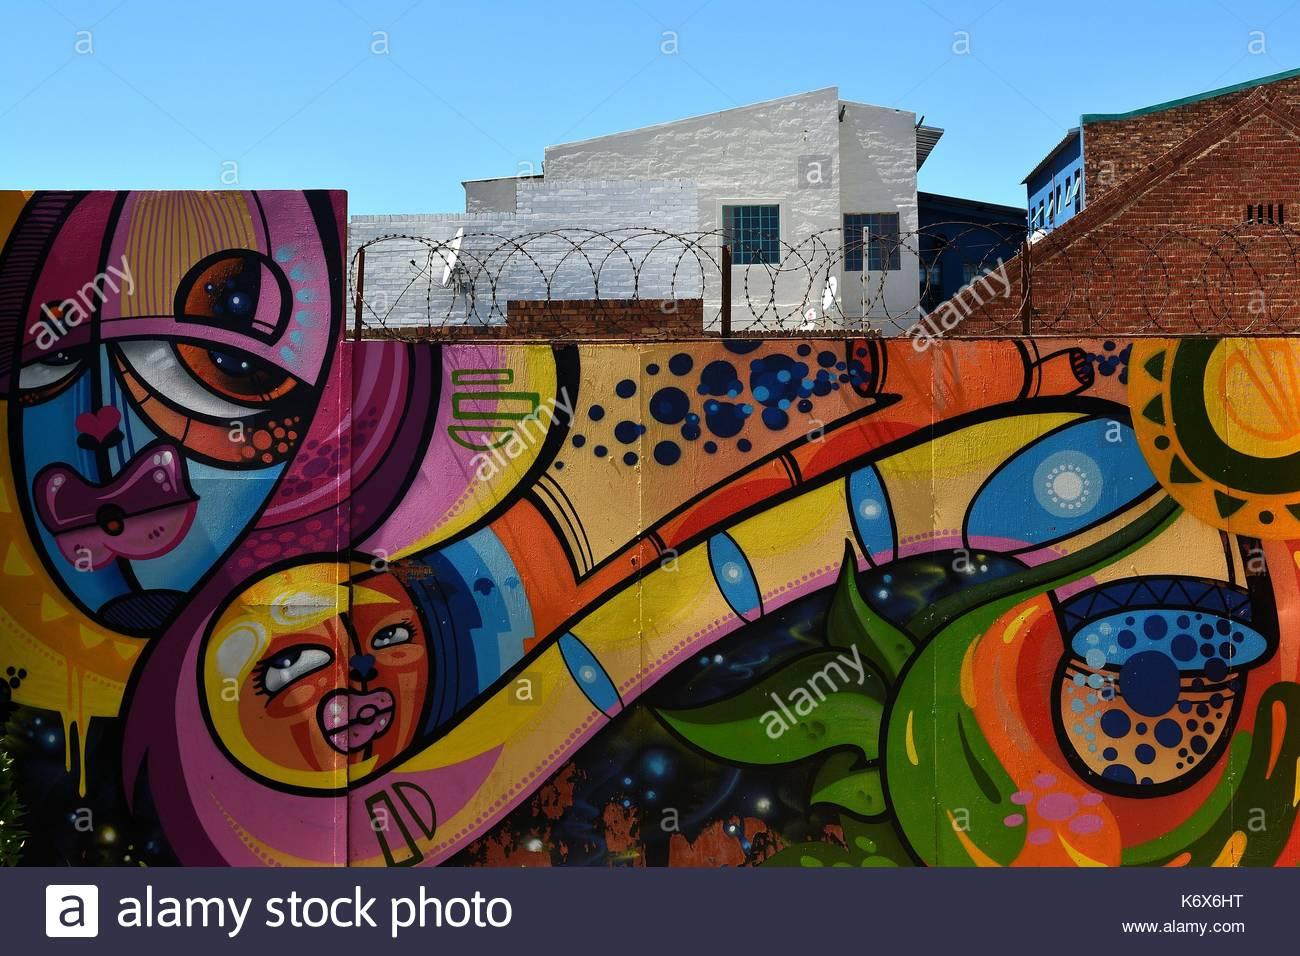 South Africa, Gauteng, Johannesburg, Maboneng - Stock Image